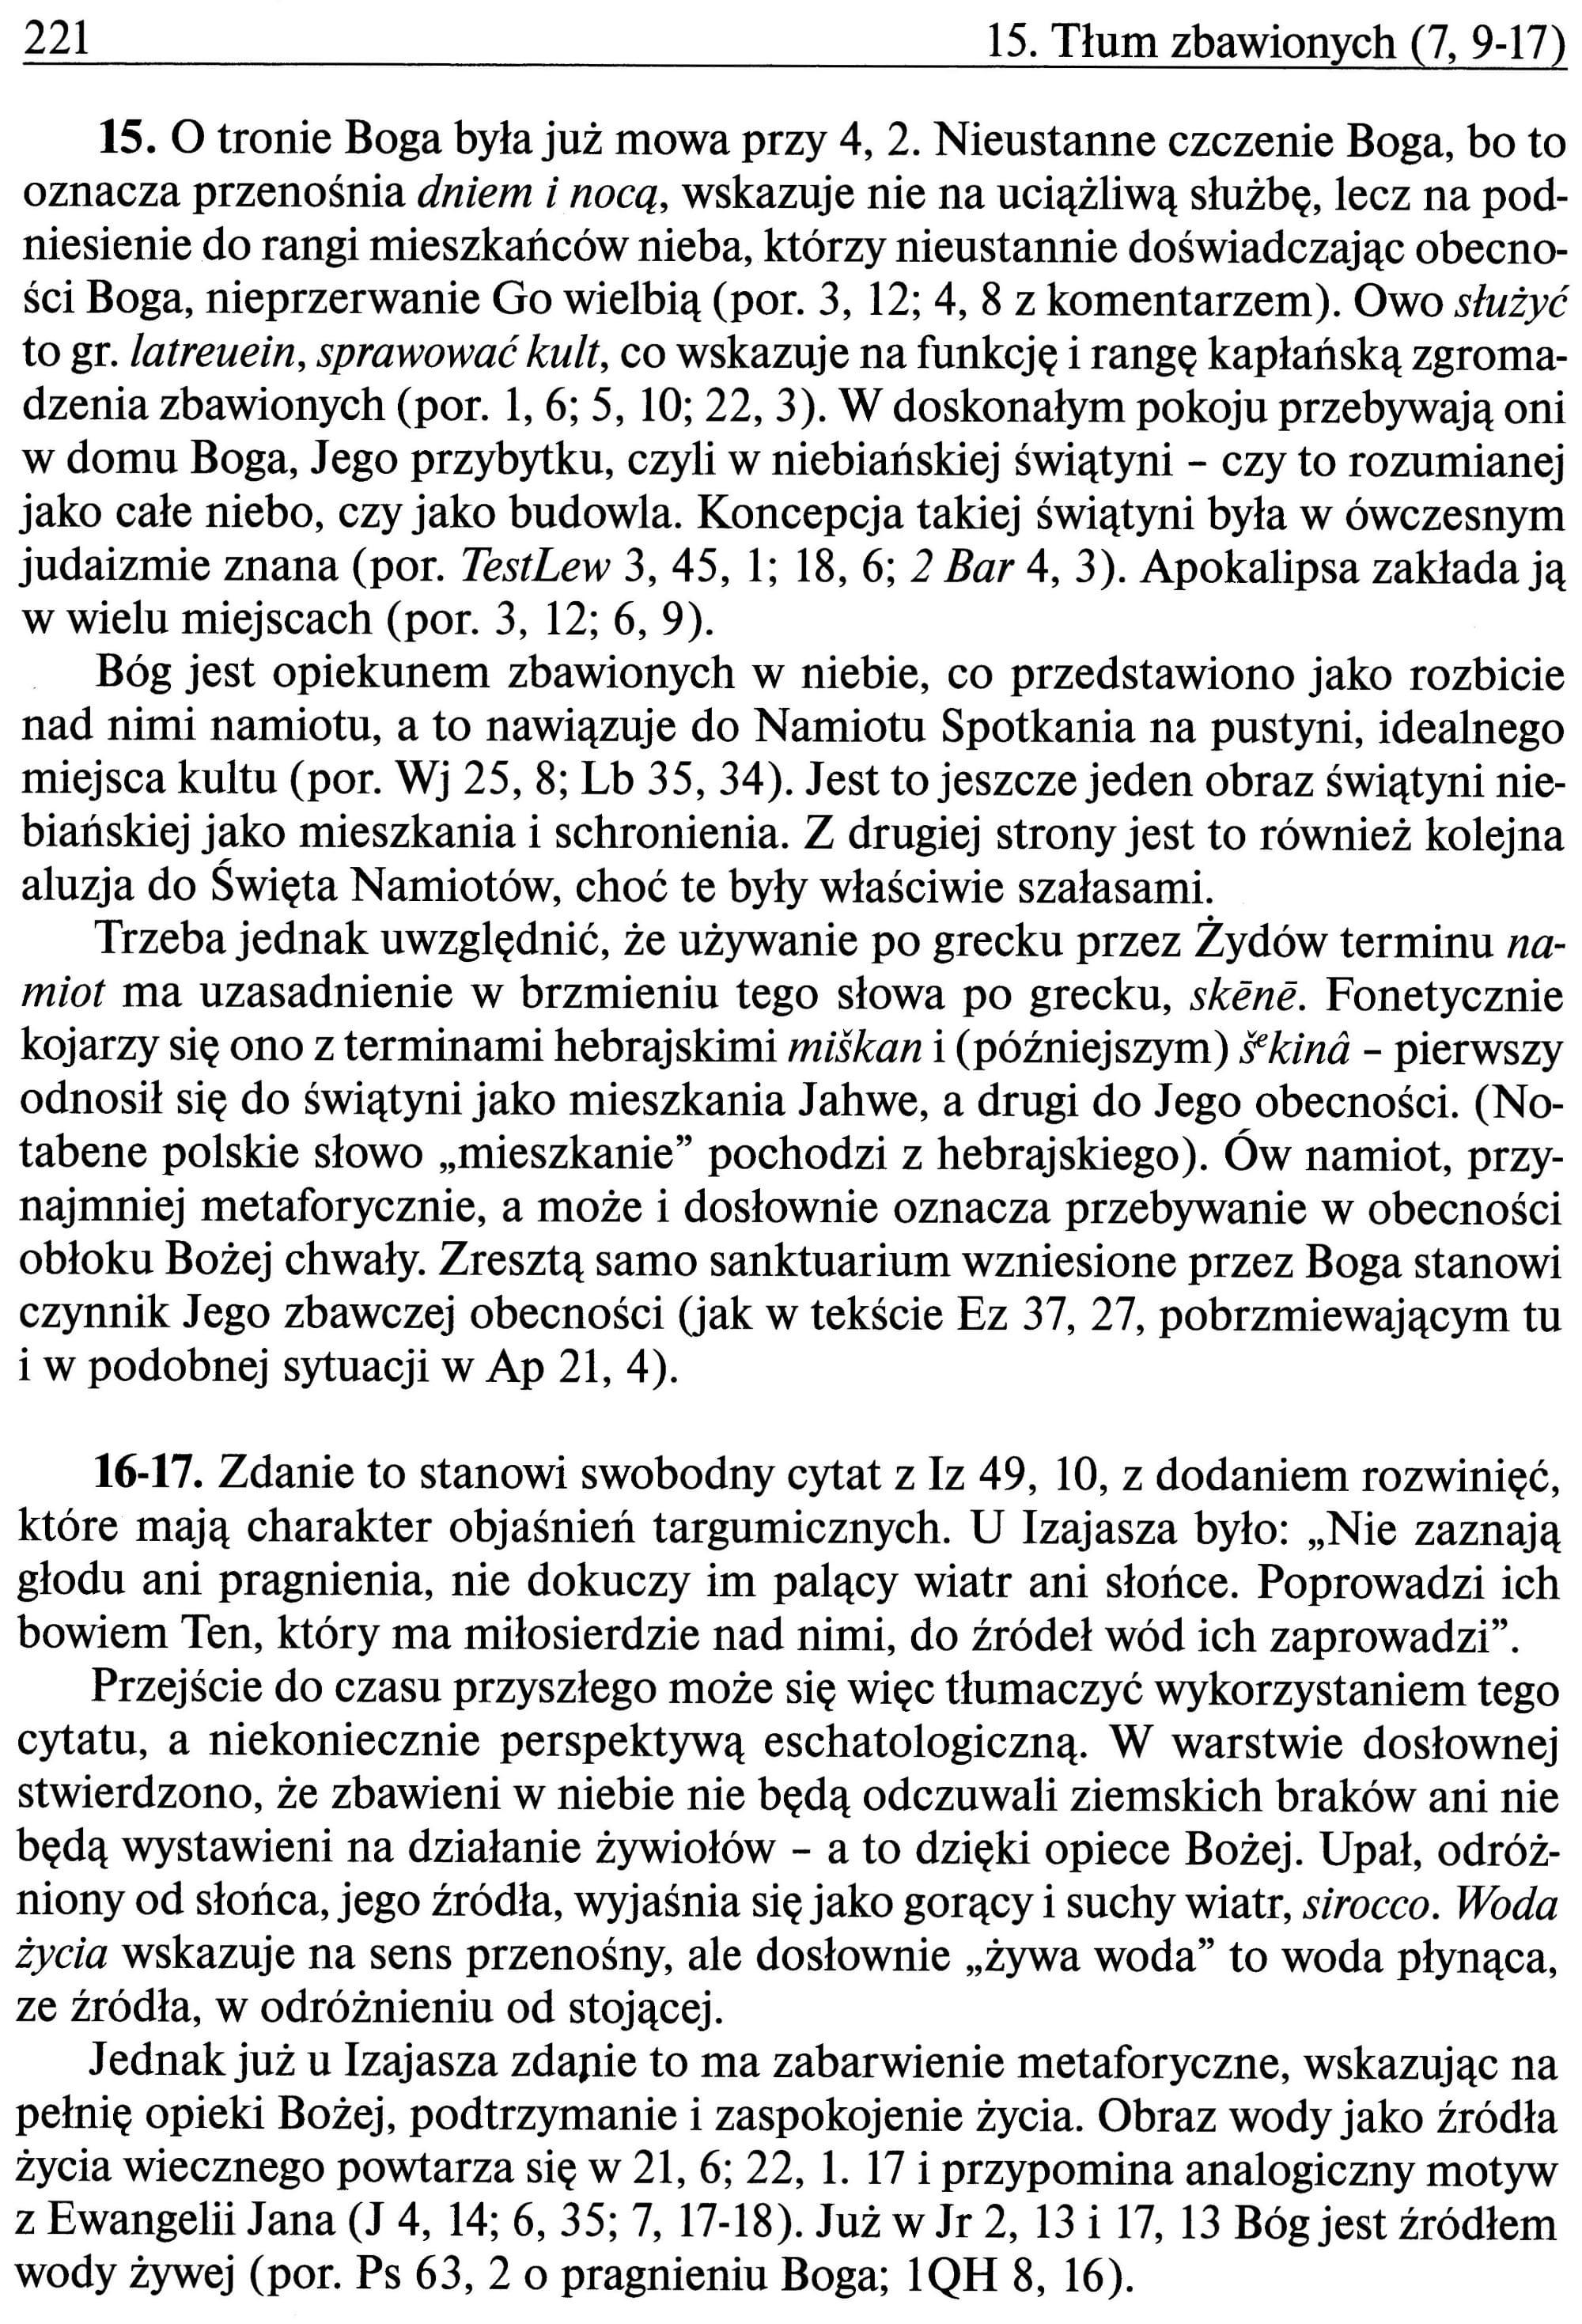 Edycja Świętego Pawła